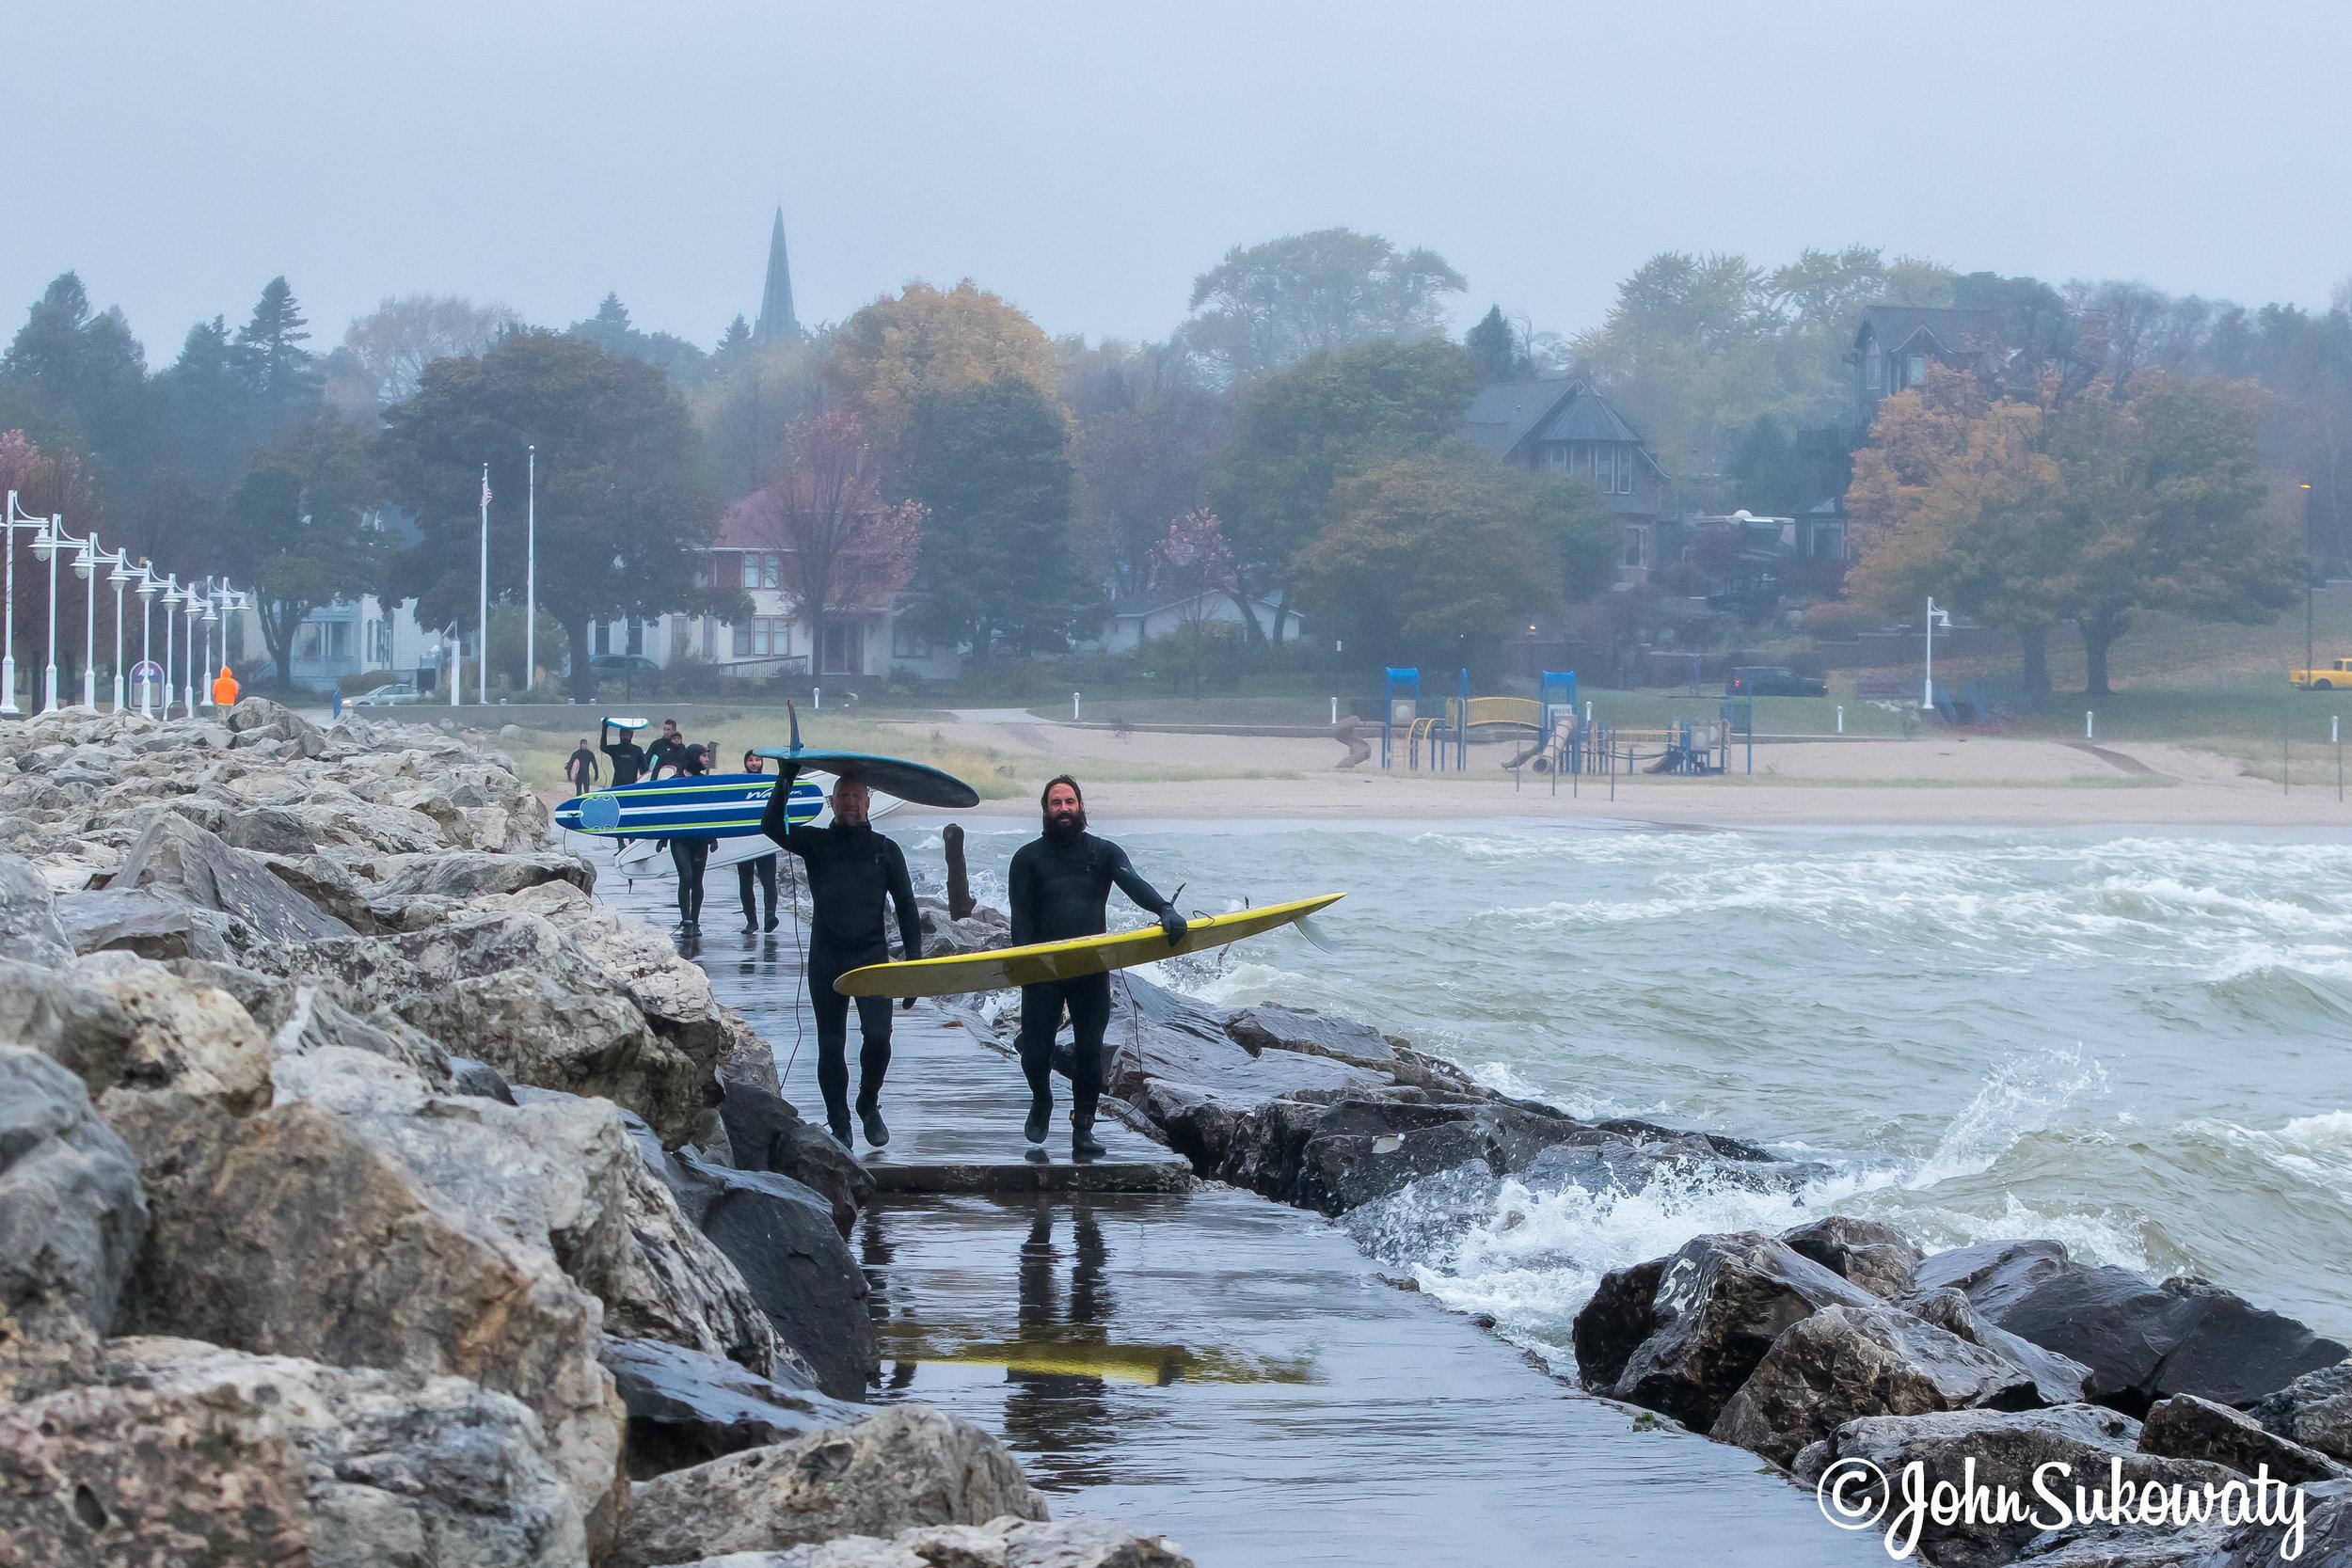 sheboygan-surfing-november-213.jpg